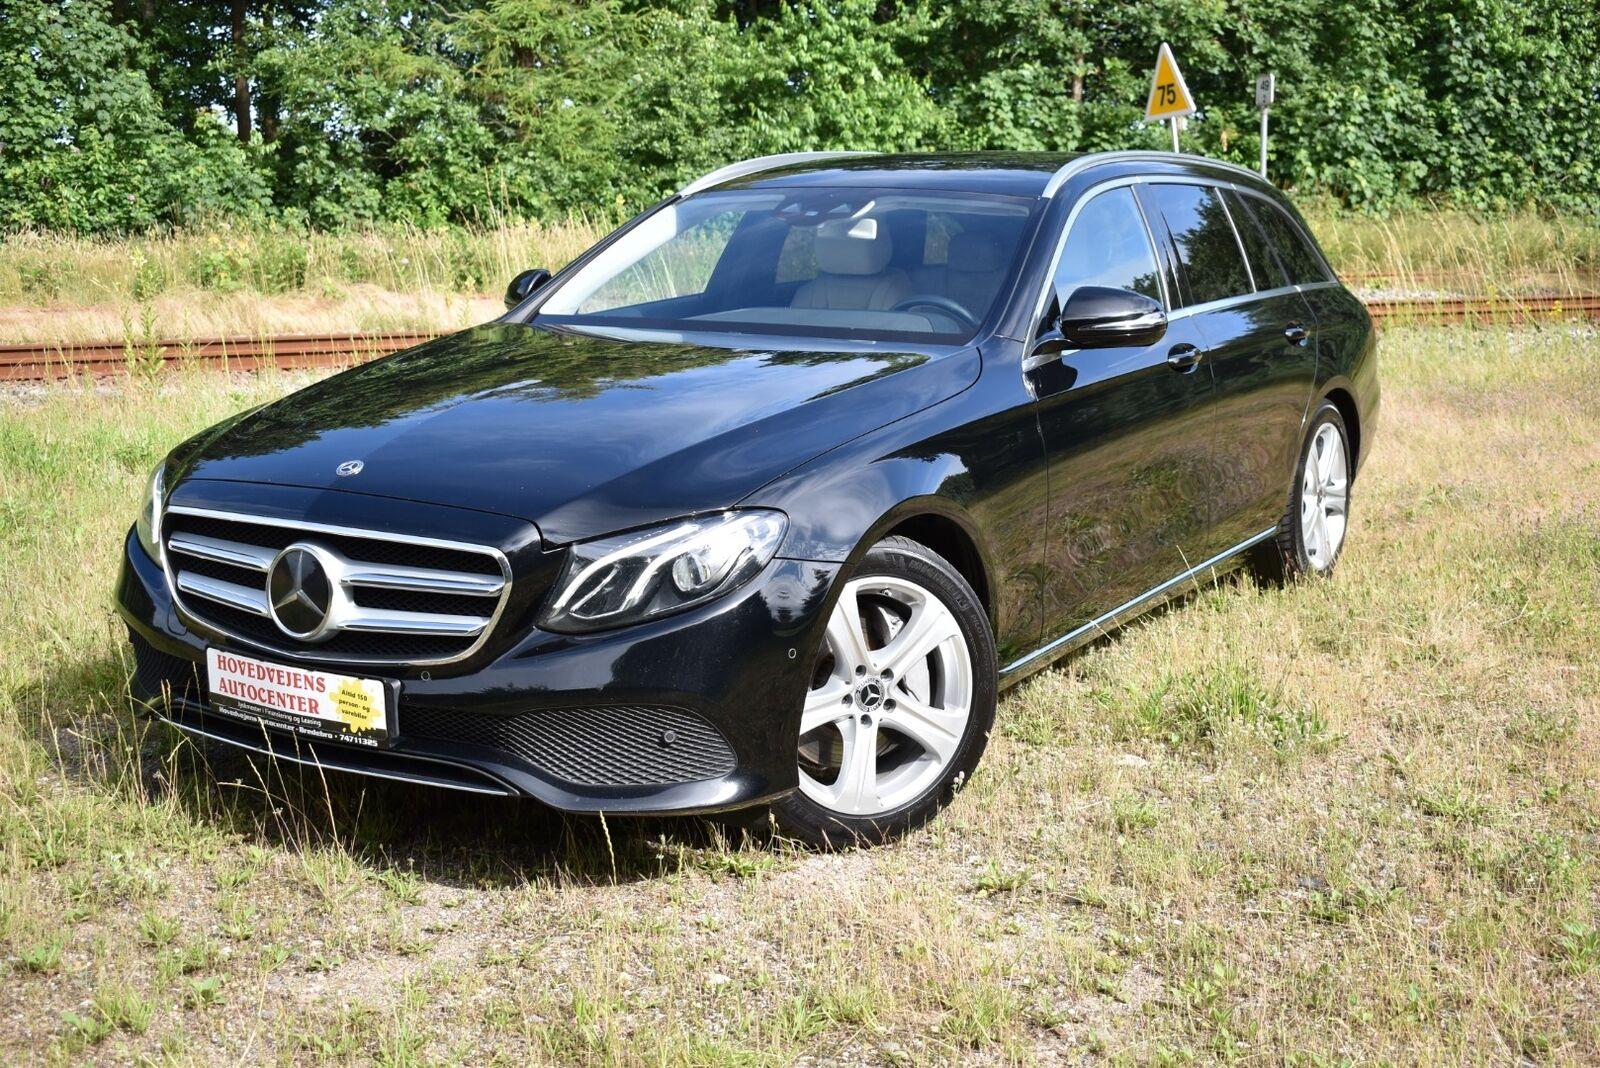 Mercedes E350 d 3,0 stc. aut. 5d - 459.900 kr.